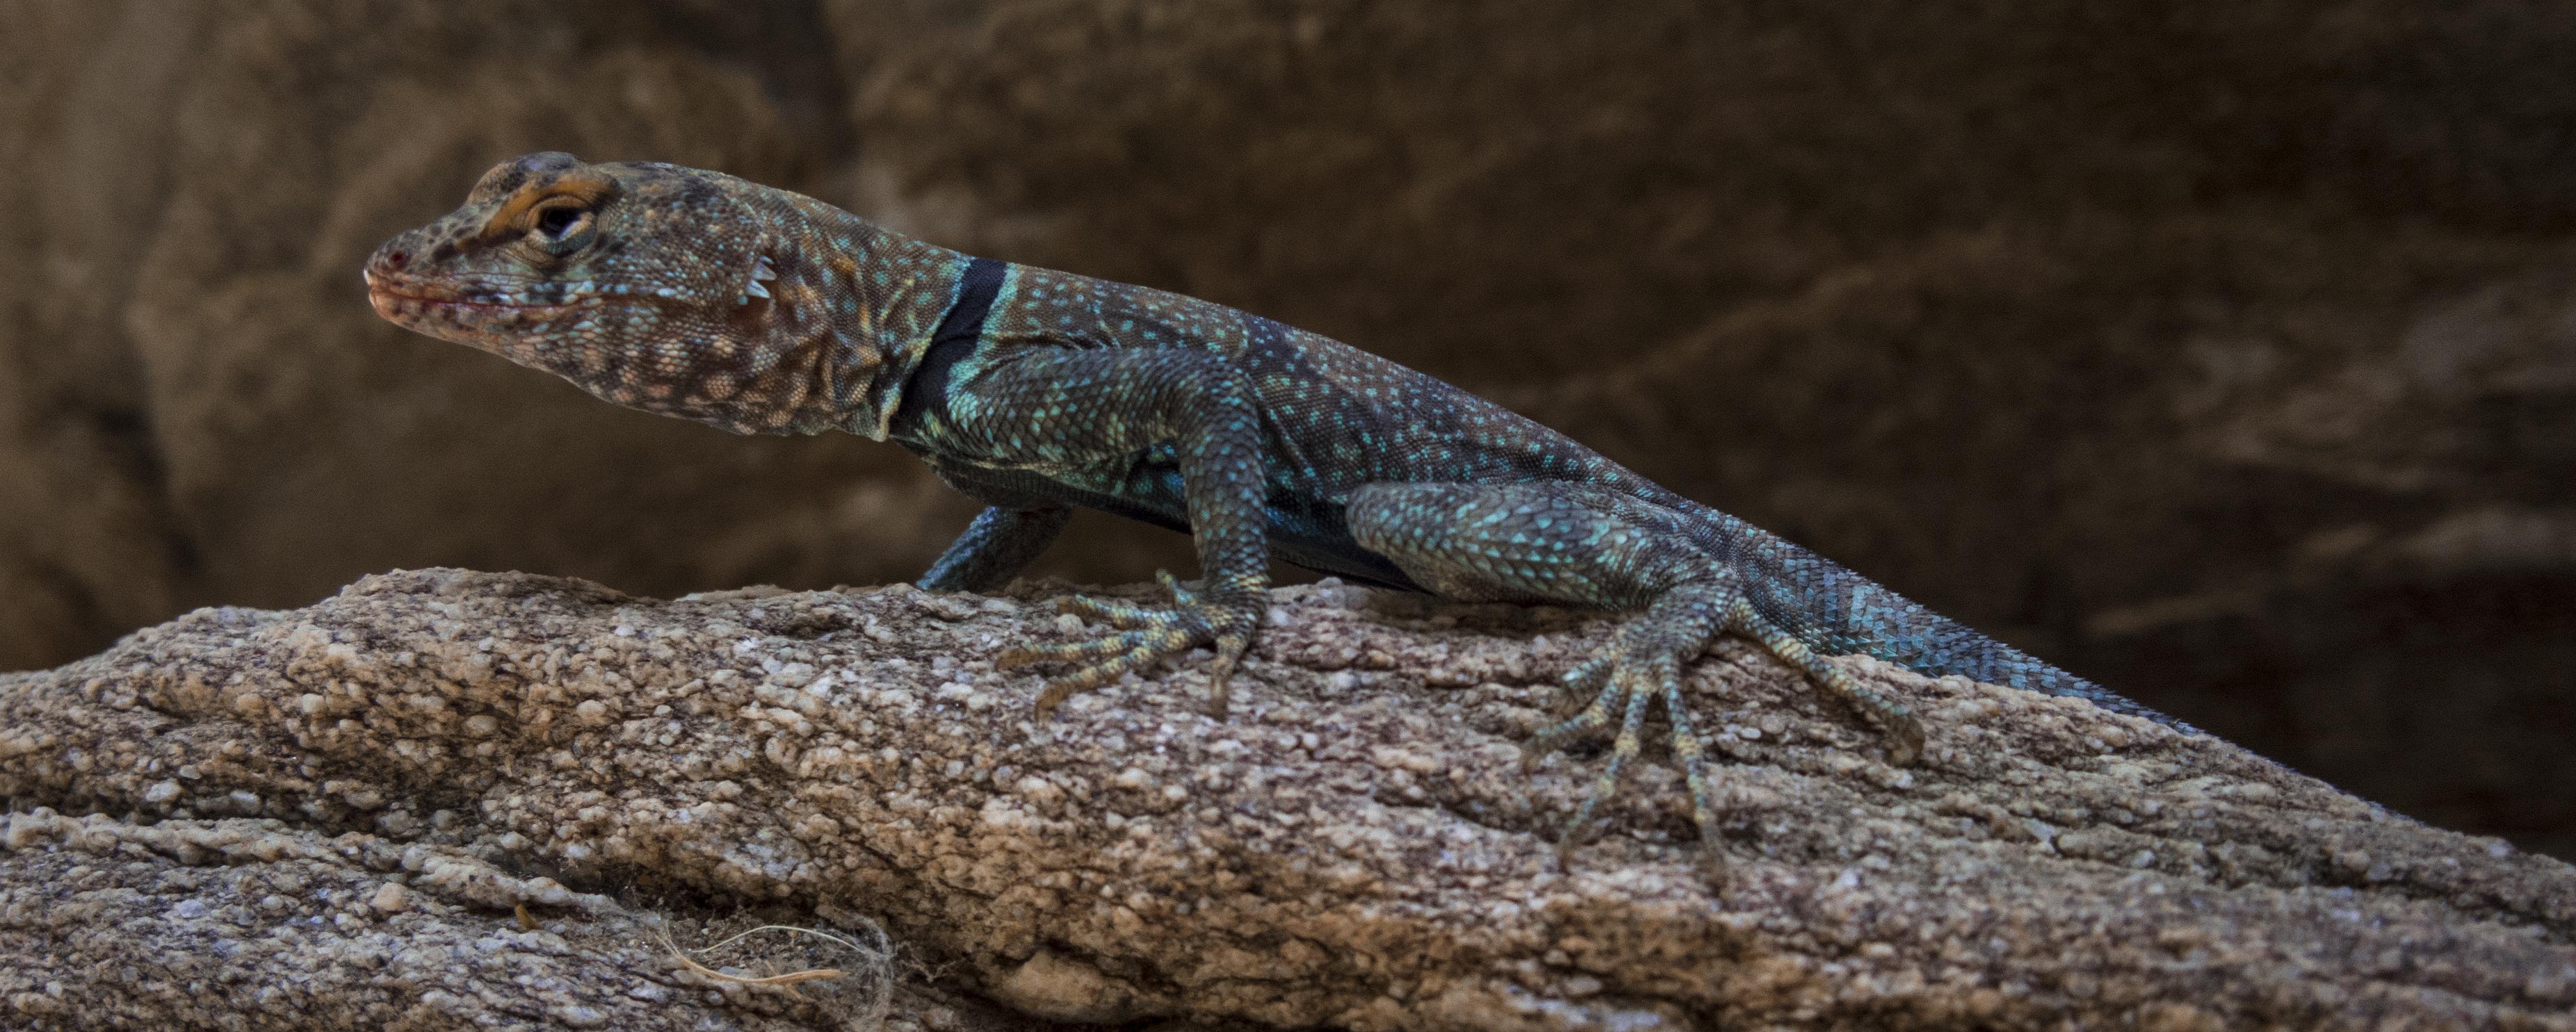 Lizard by luzudemcas